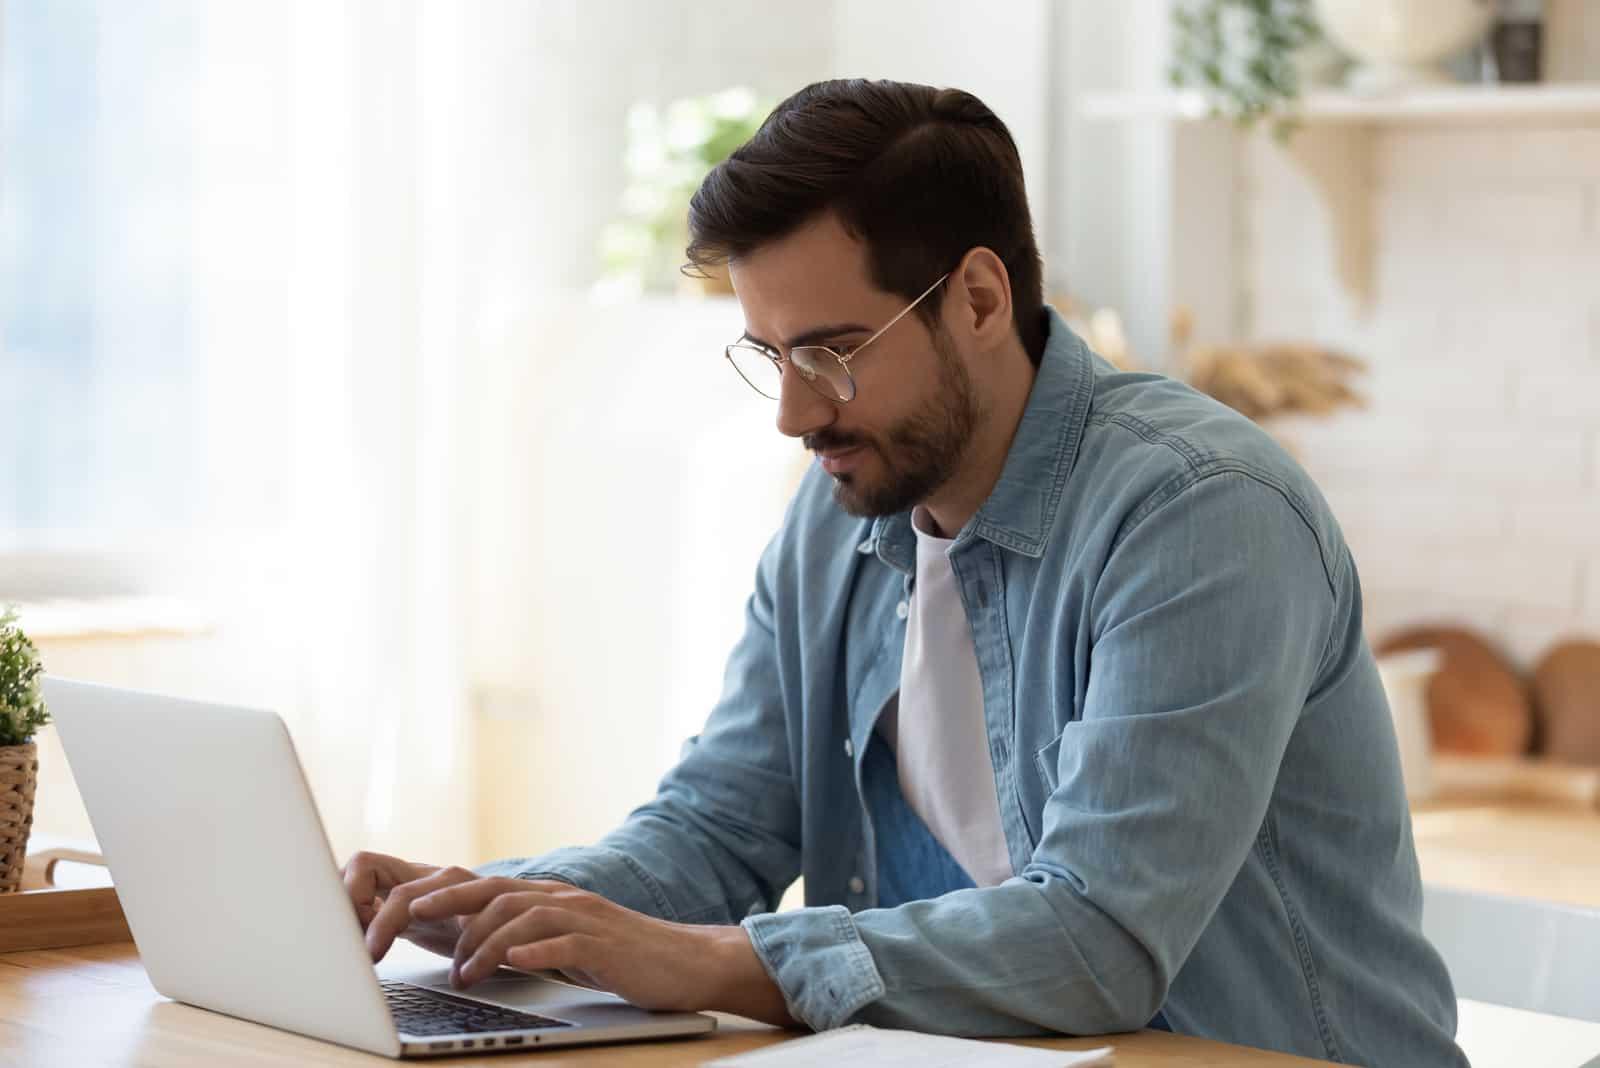 un homme assis derrière un ordinateur portable